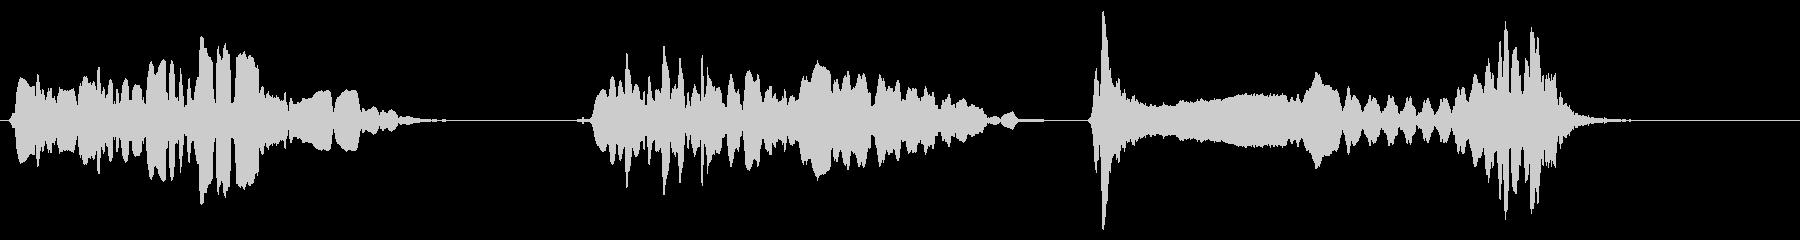 尺八 生演奏 古典風 残響音有 6の未再生の波形